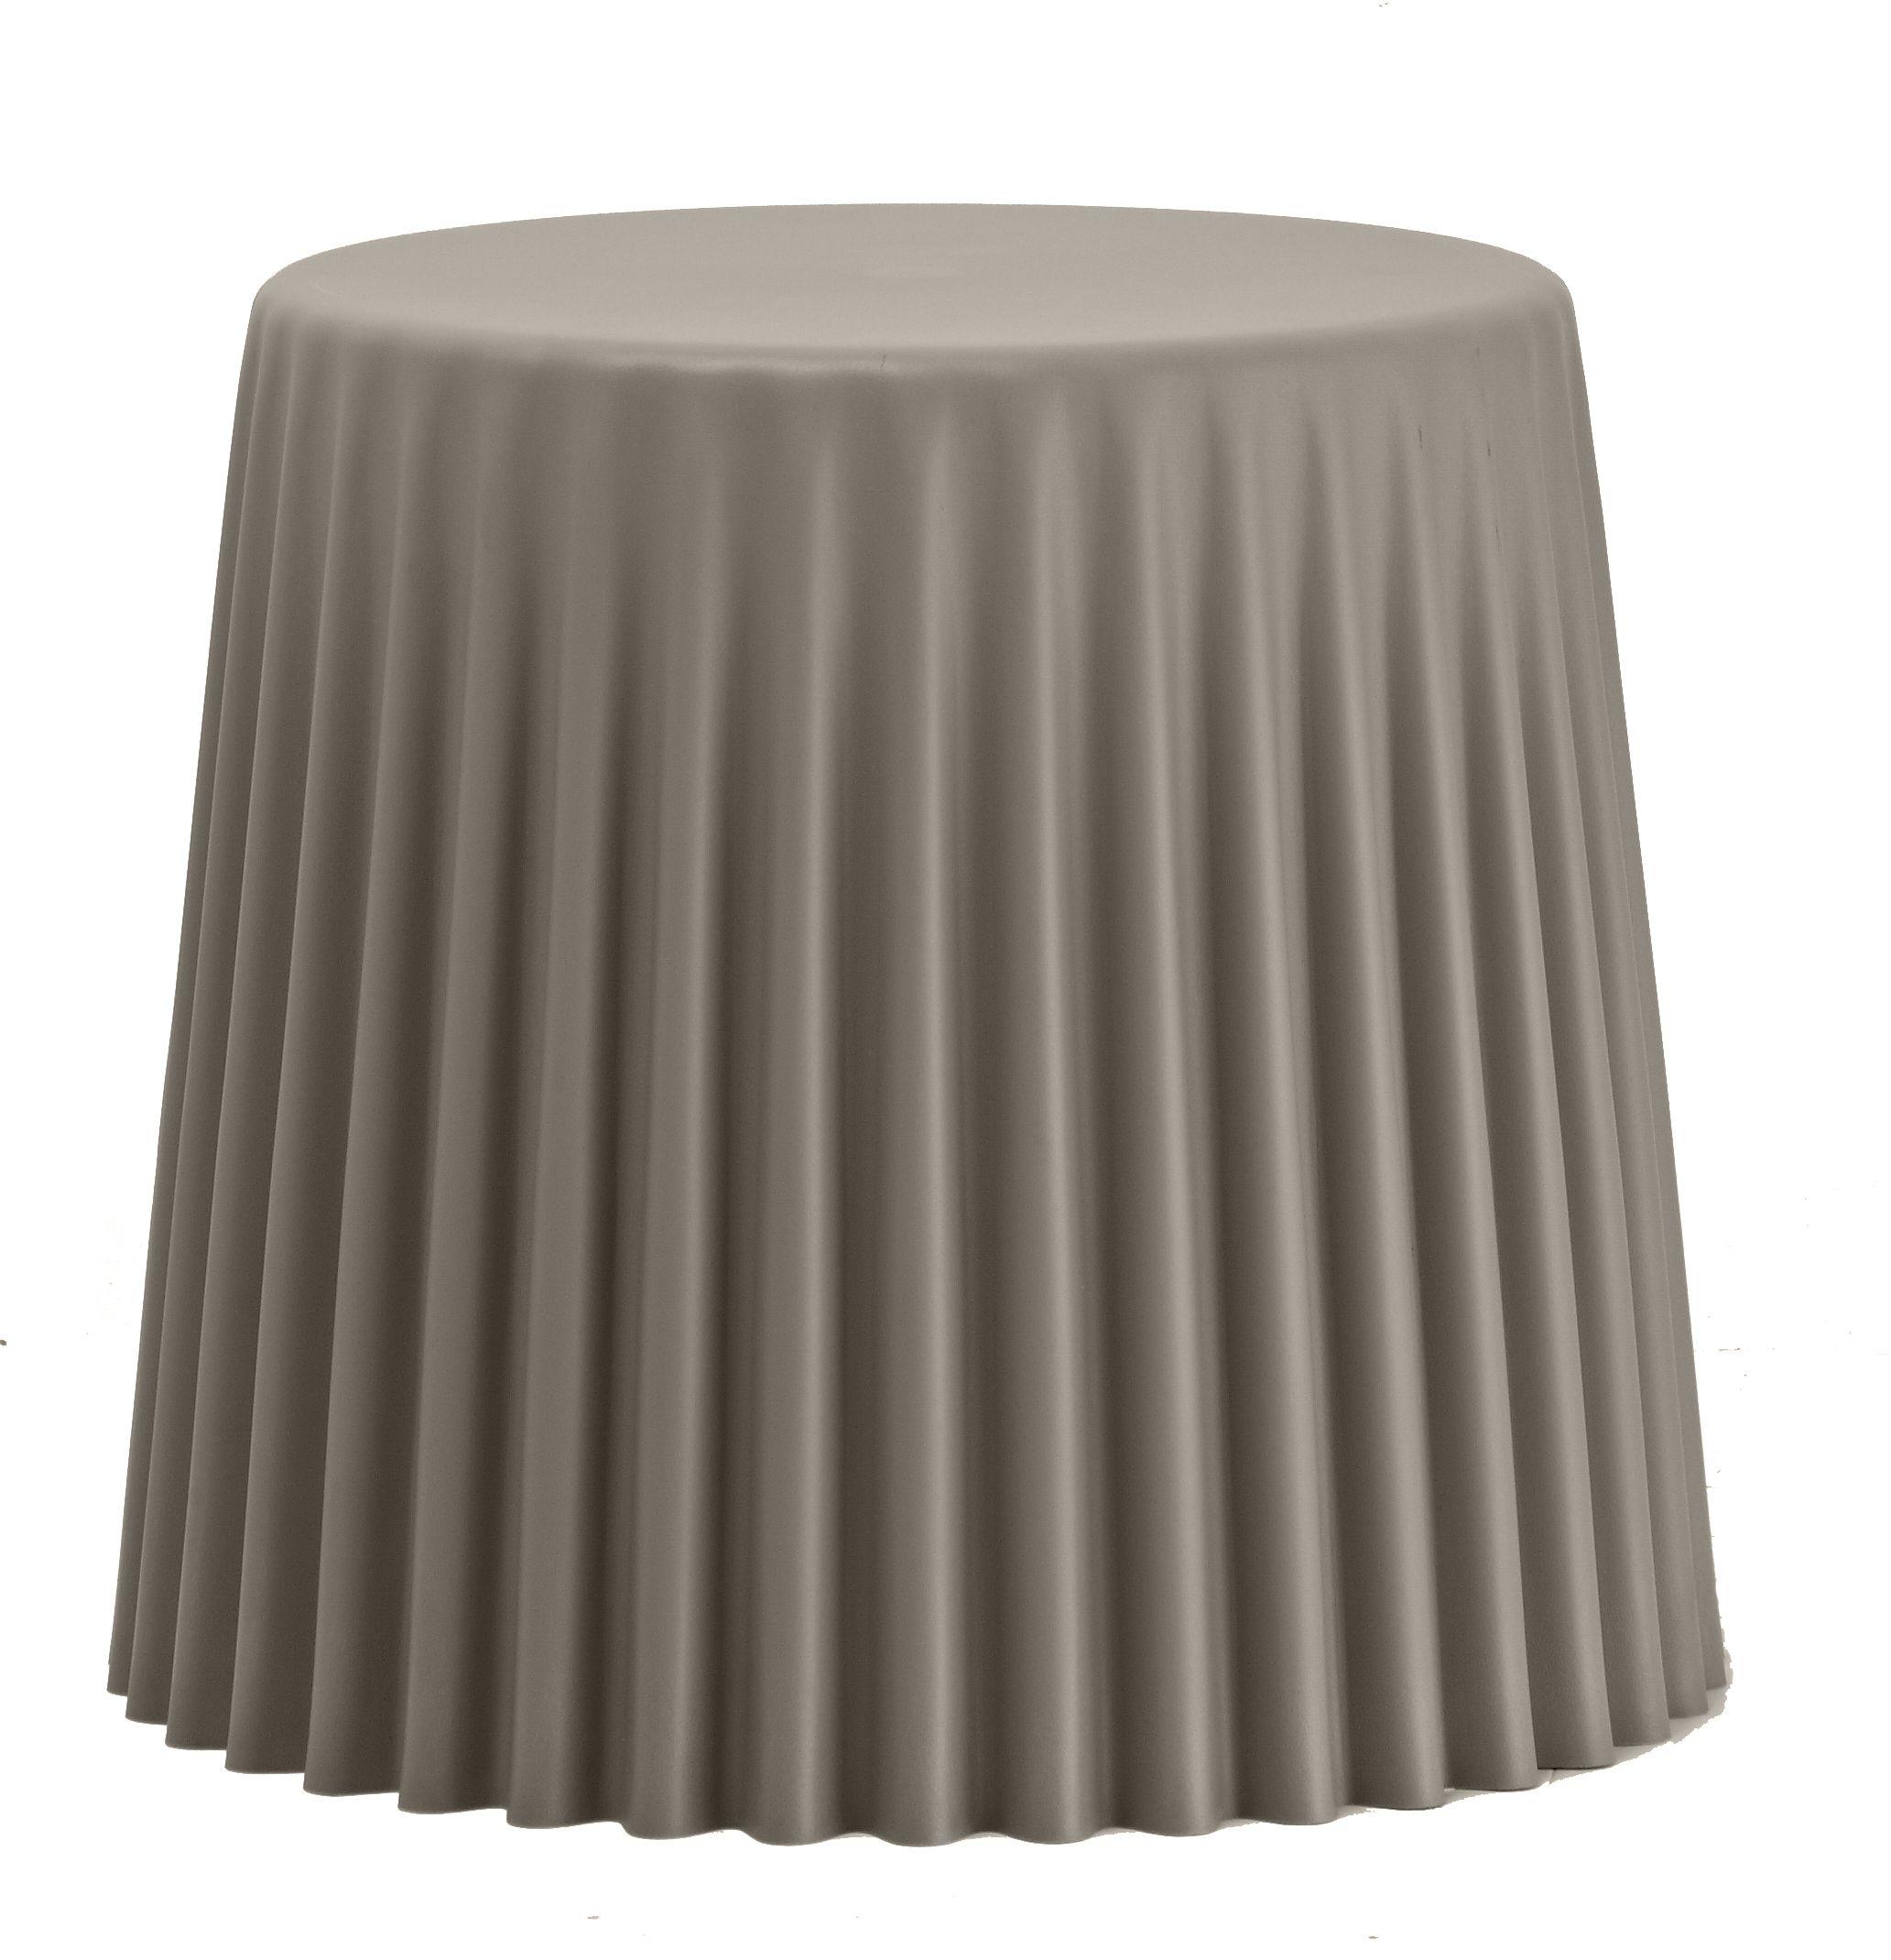 เก้าอี้/โต๊ะ CHU-218-30 การใช้งานเอนกประสงค์ สามารถใช้เป็นได้ทั้งโต๊ะน้ำชา, เก้าอี้สตูล หรือ กระทั่งเป็นที่เก็บร่มก็ทำได้ผลิตจากวัสดุพลาสติกโพลีพิเศษ PP อย่างดีแข็งแรงมีให้เลือกหลากหลายสีสัน เป็นทั้งเก้าอี้พลาสติกหรือโต๊ะพลาสติก หากคุณกำลังมองของแต่งบ้านที่คุ้มค่าราคาไม่แพงสินค้าตัวนี้คือคำตอบของคุณครับ